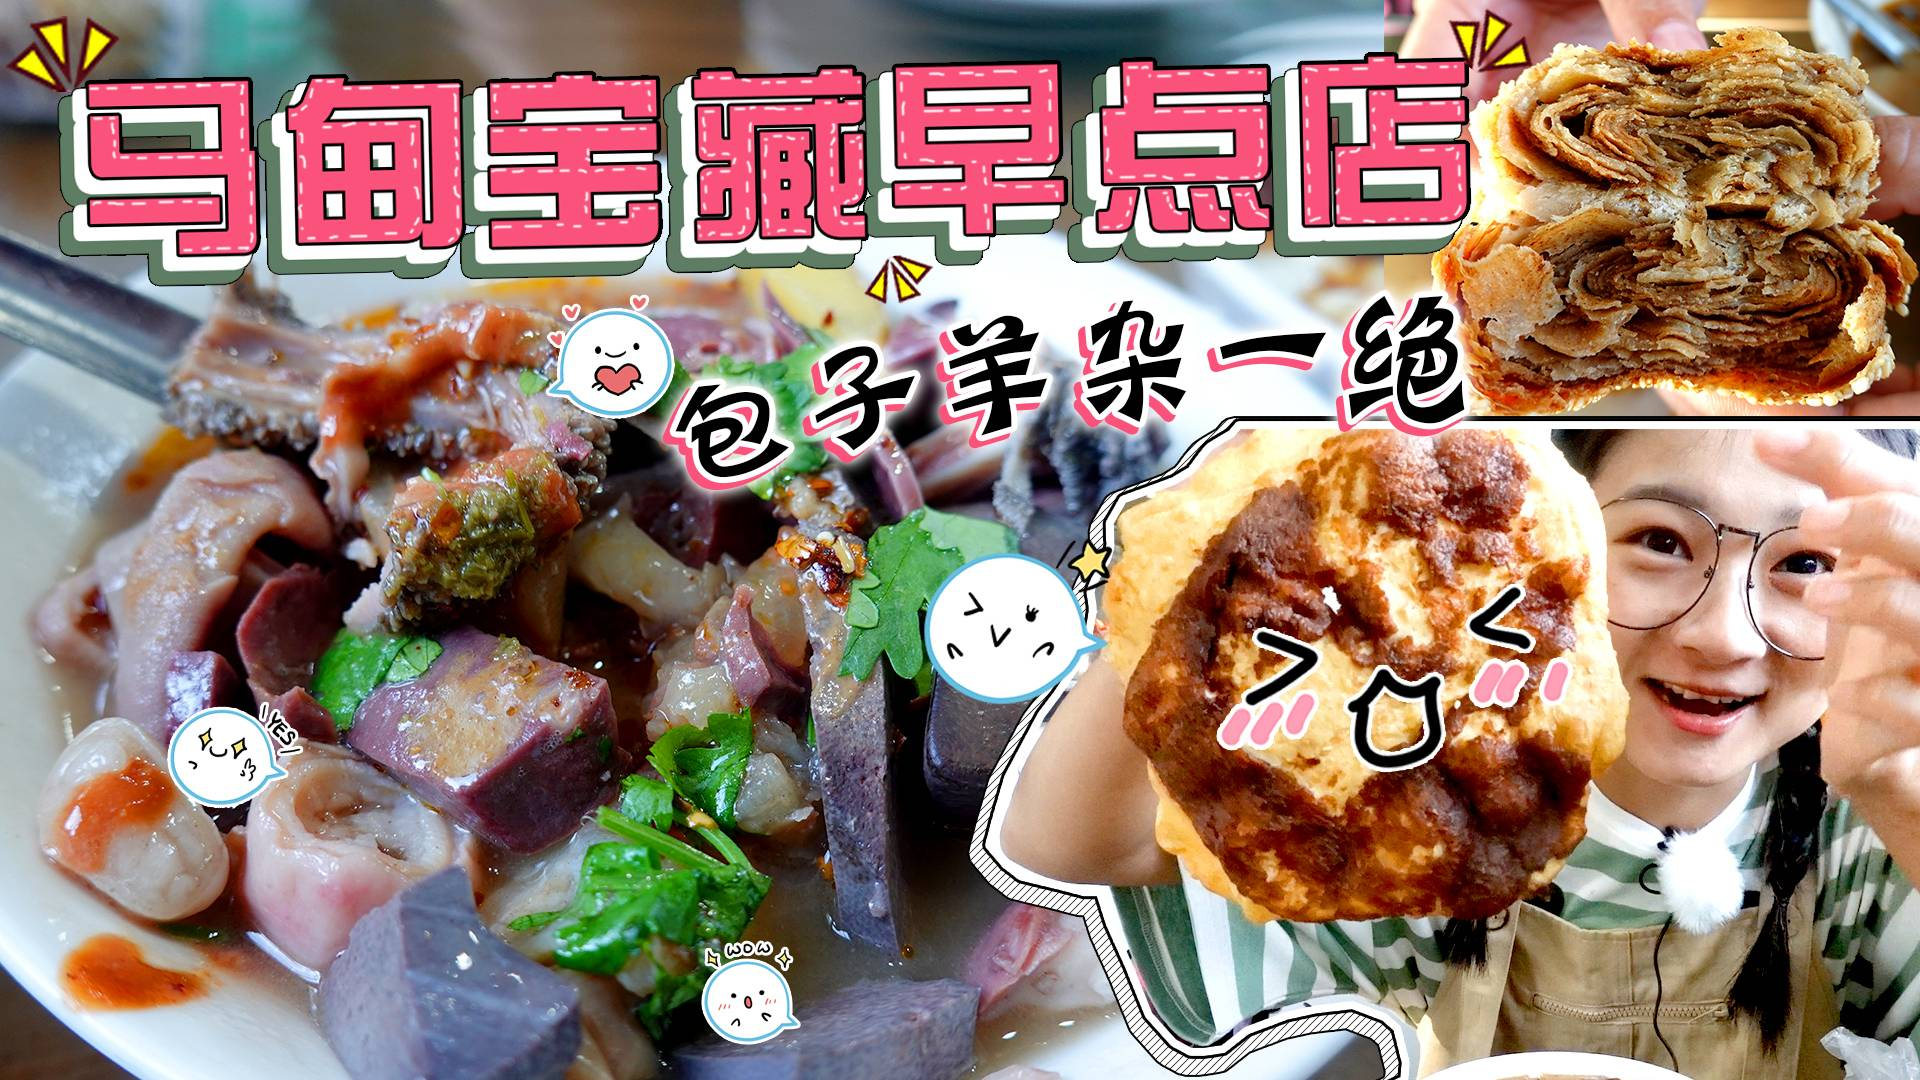 【逛吃北京】马甸宝藏小吃店,早餐一绝,包子爆汁,羊杂满满一碗